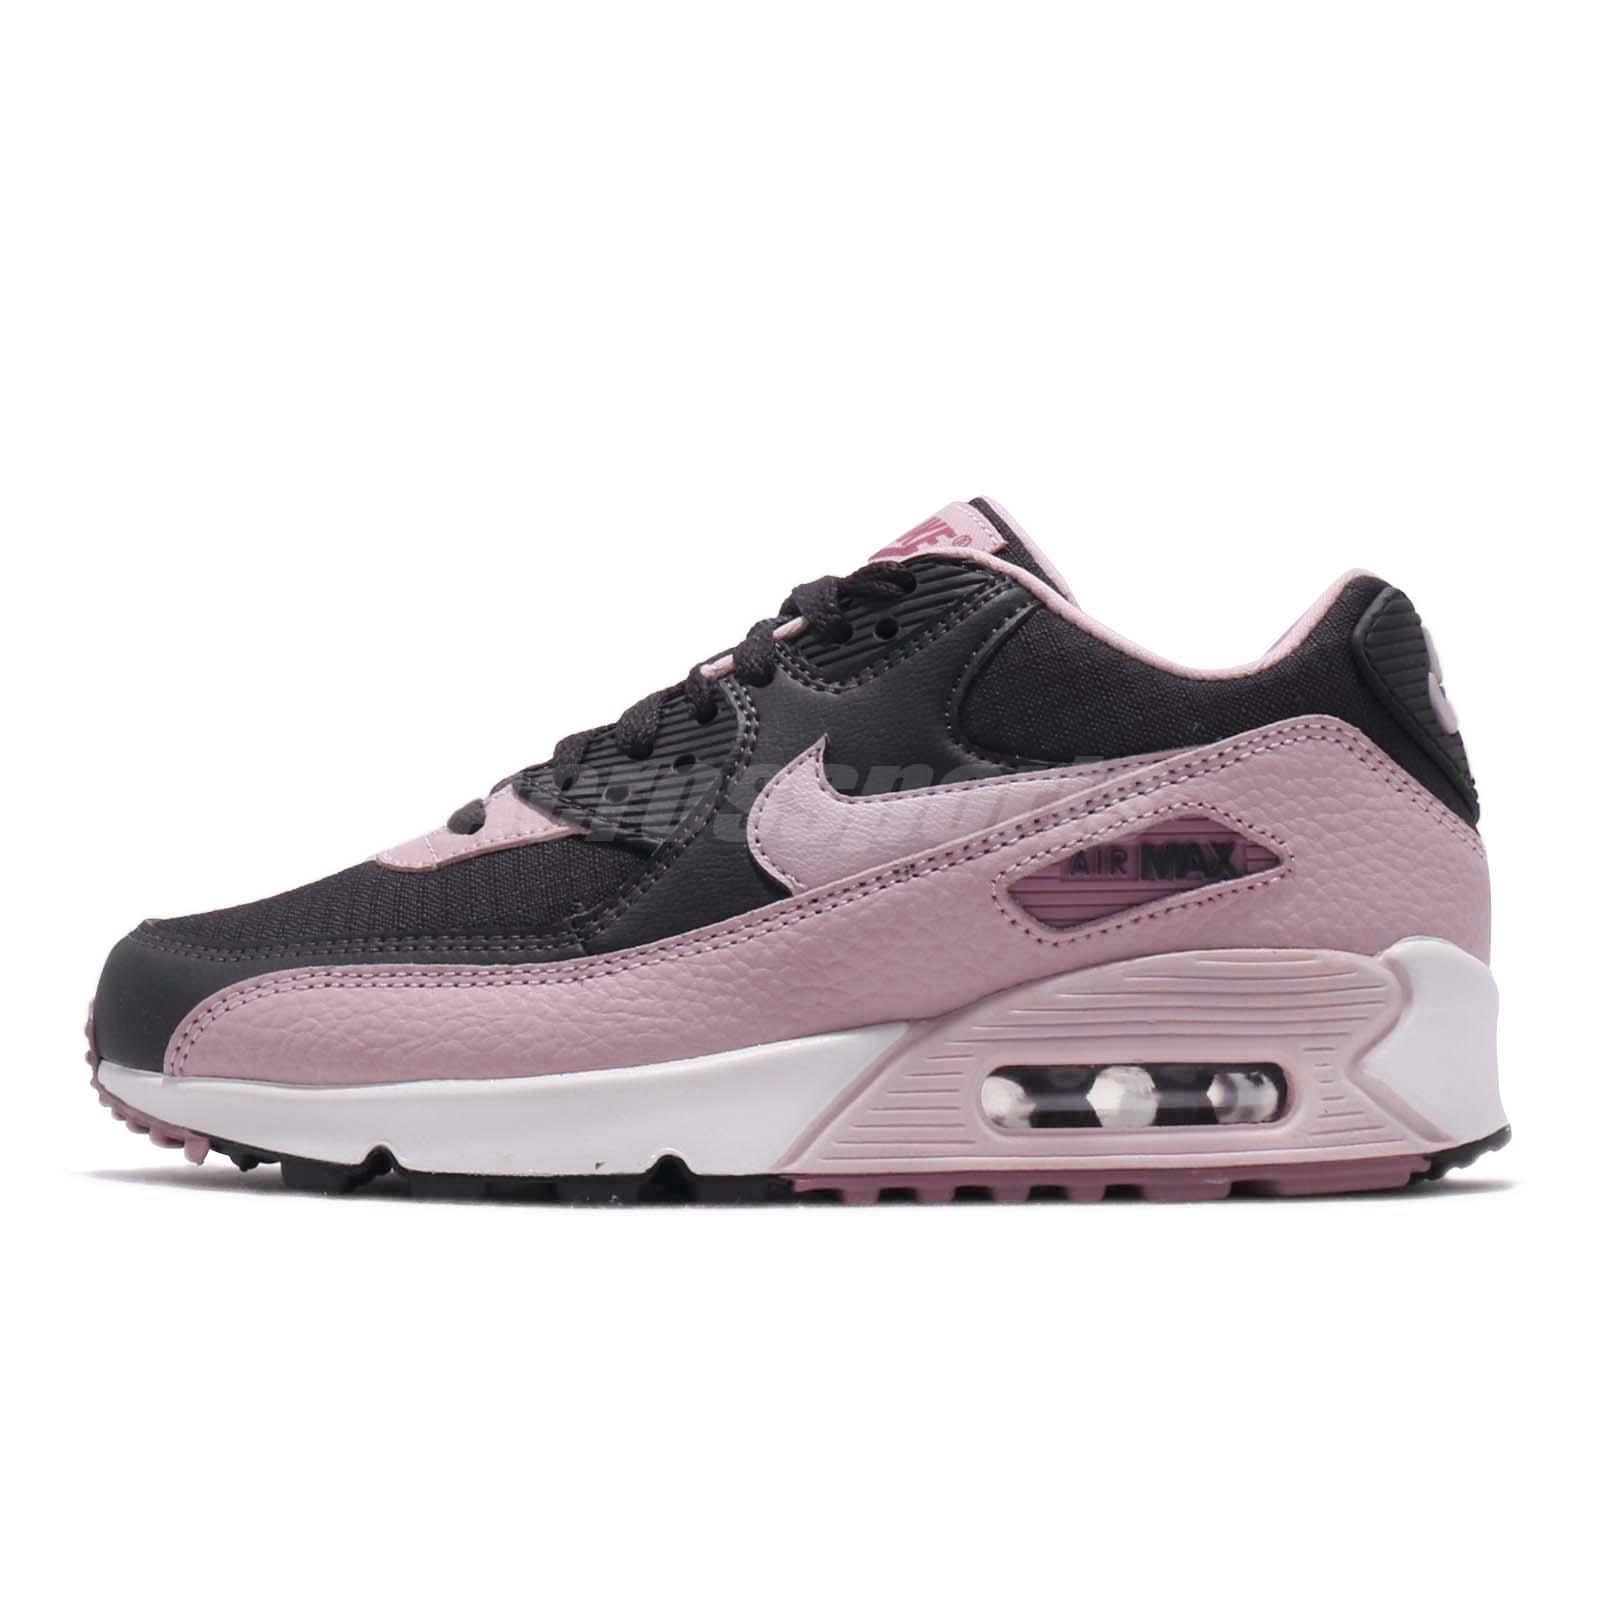 Loobfootwears Nike Air Max 90 881105605 Skor (Svart Vit  Nike Air Max 90 881105605 Skor (Svart Vit